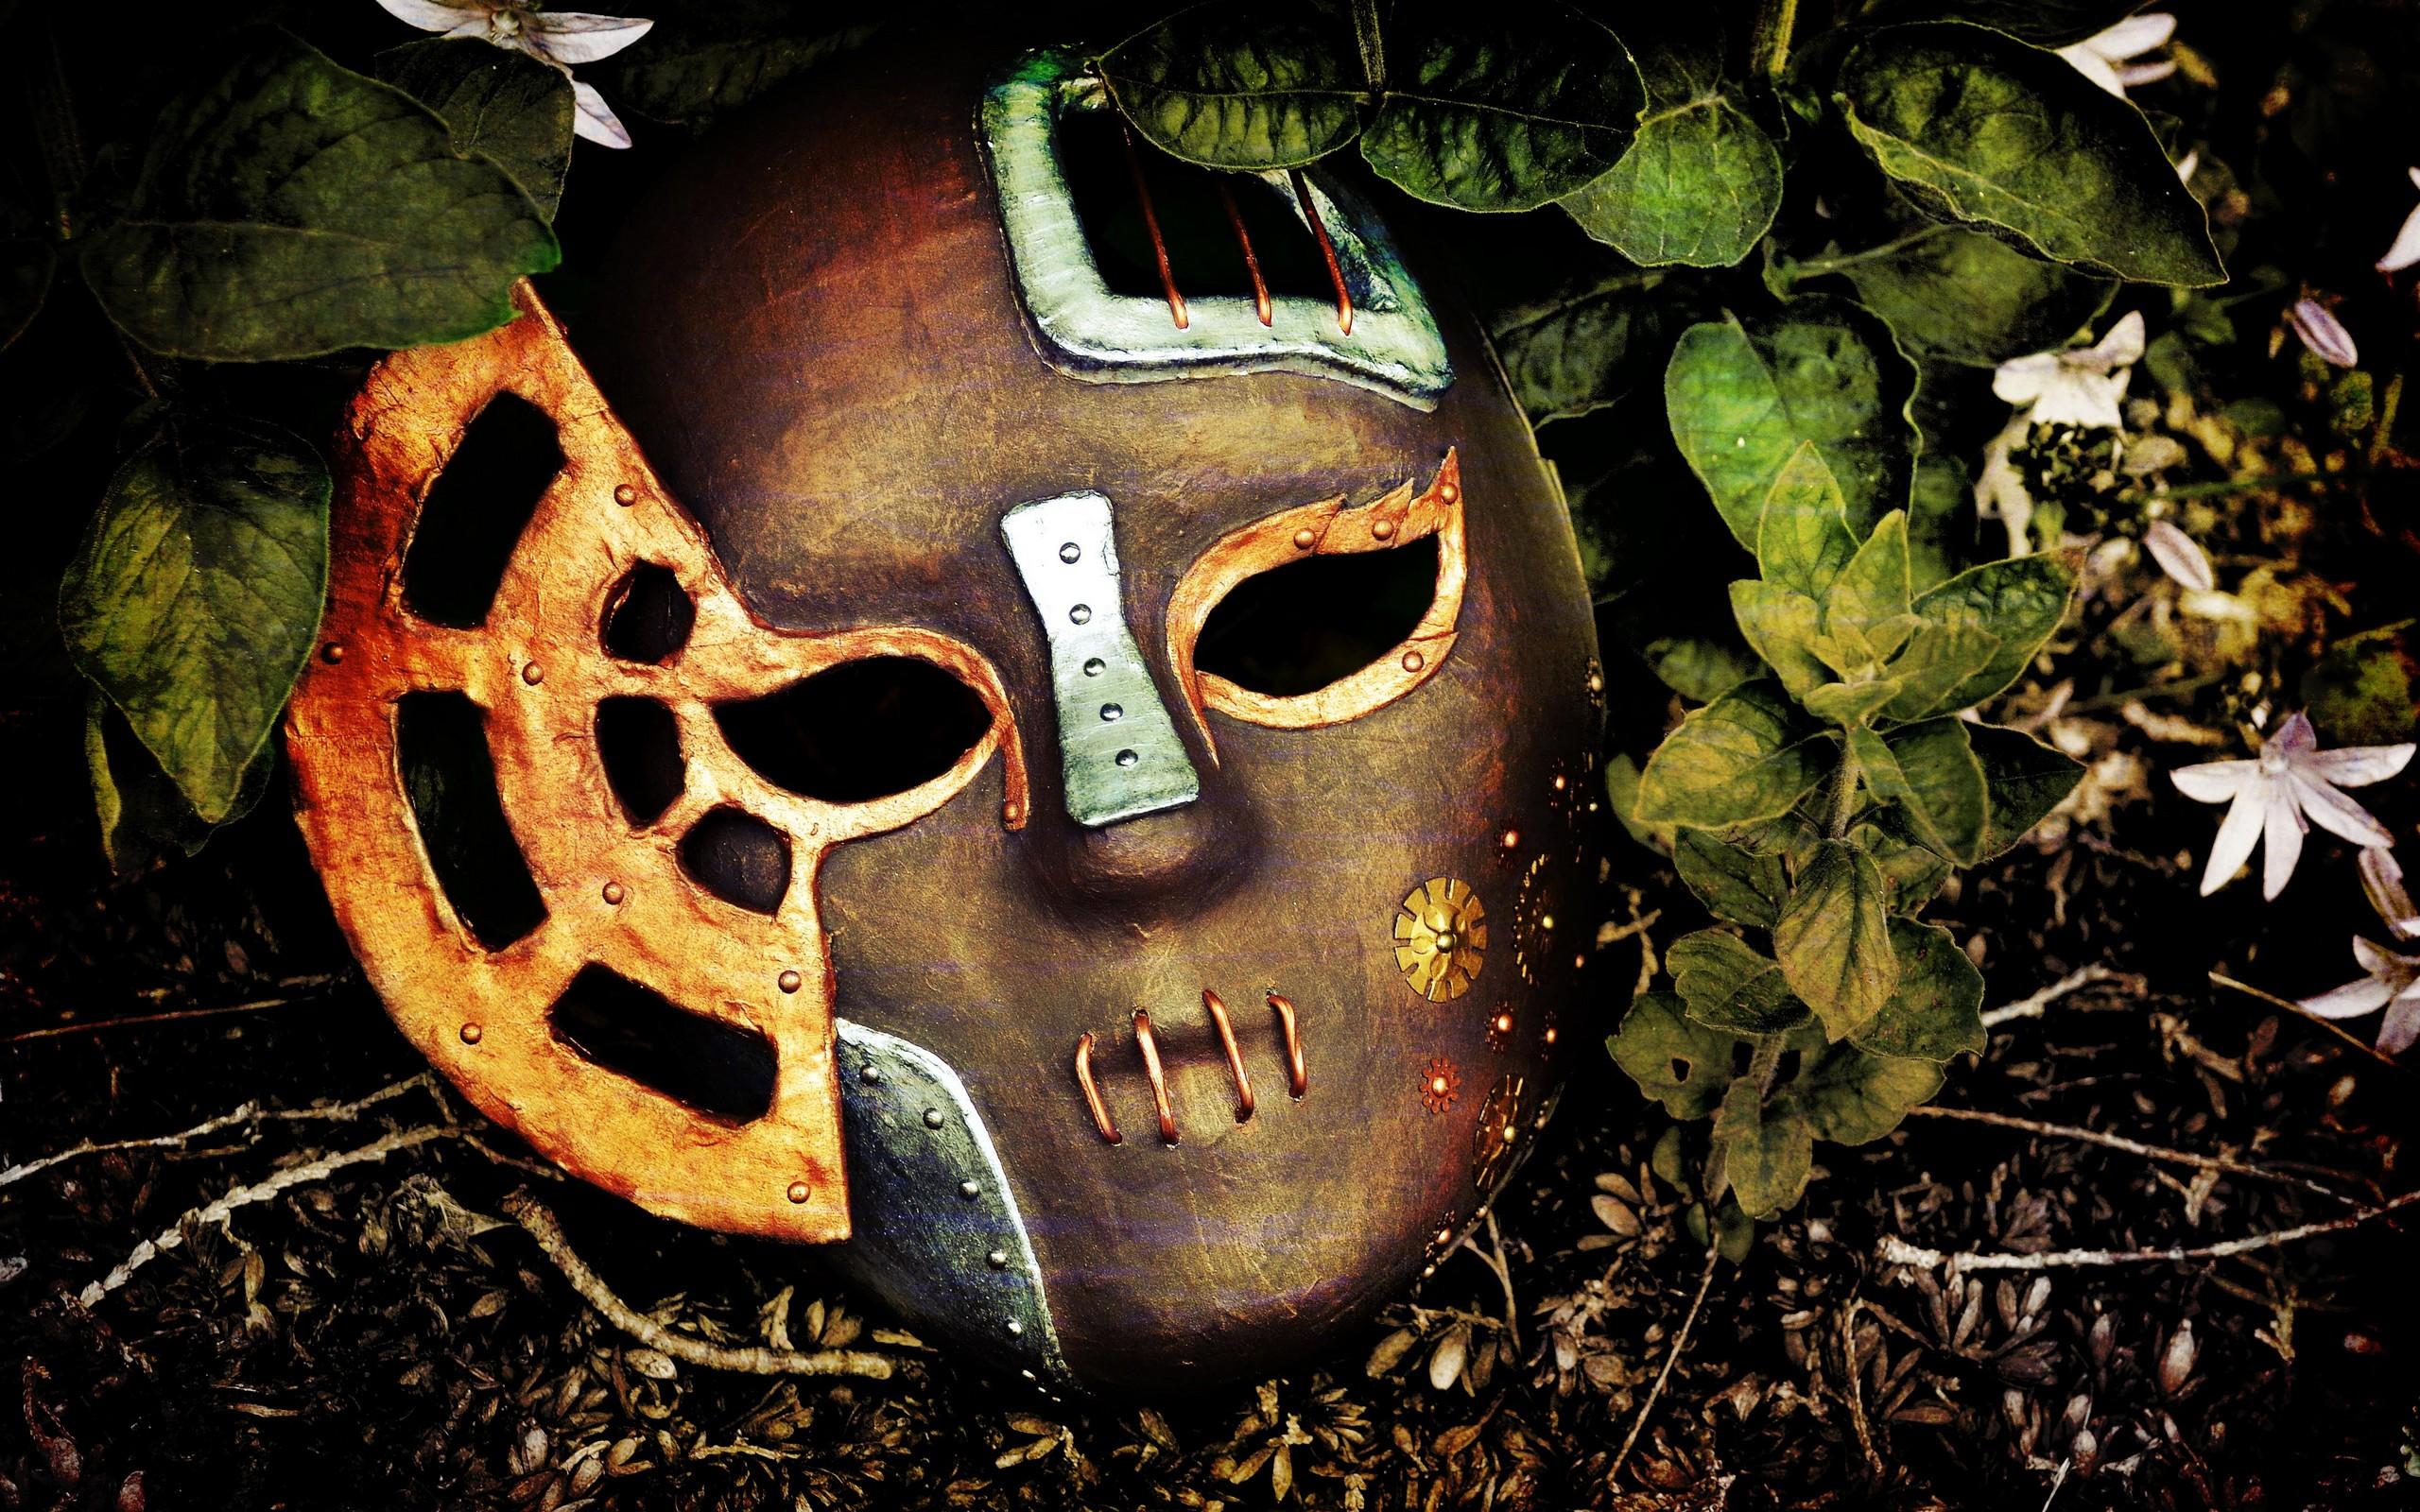 La mascara de Steampunk - 2560x1600